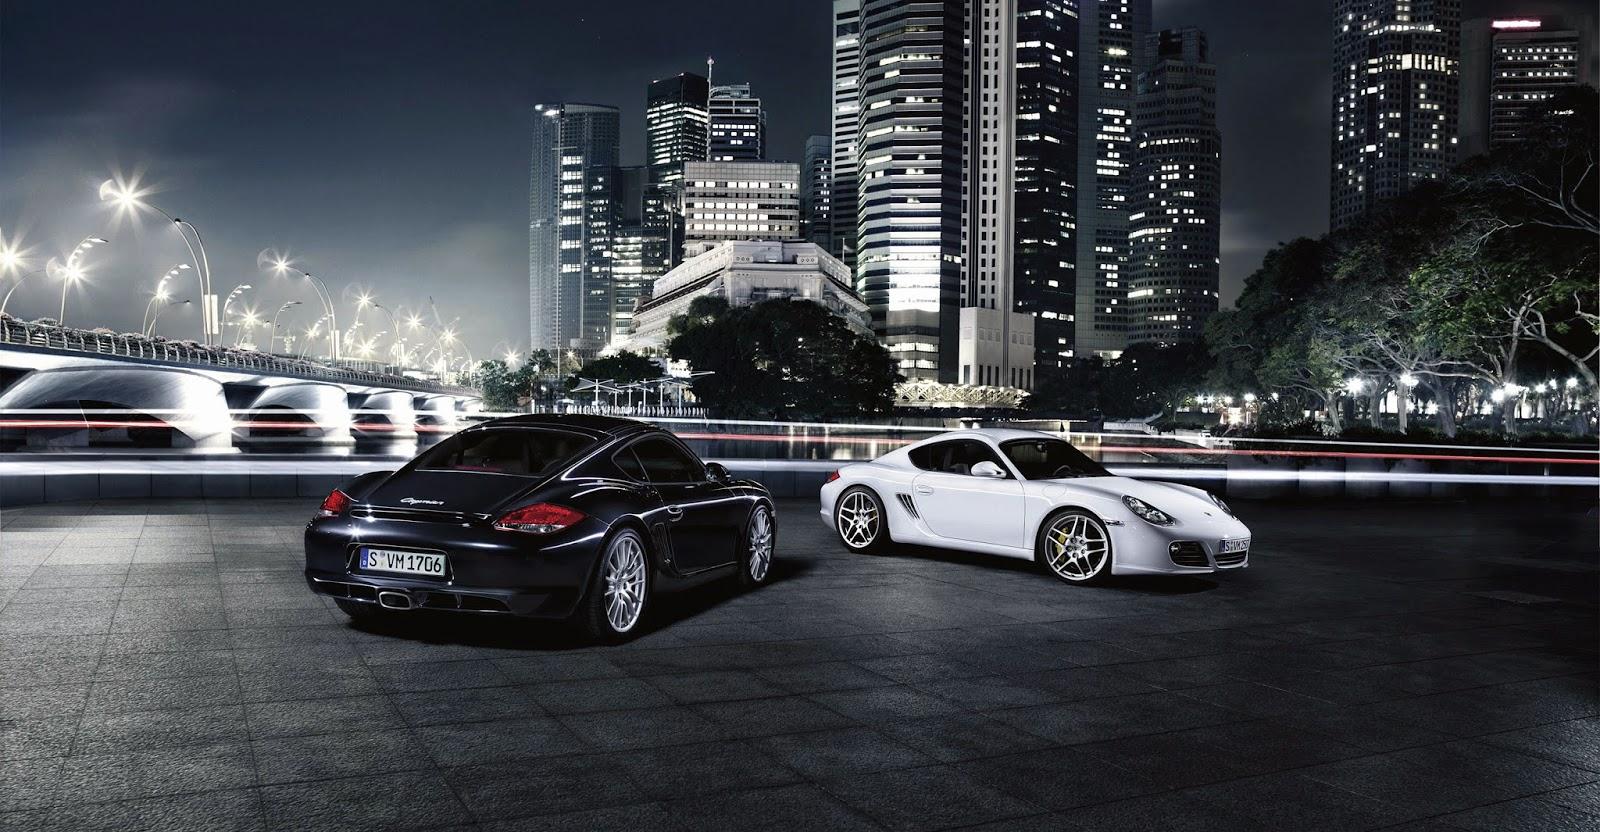 Porsche Cayman HD Picture